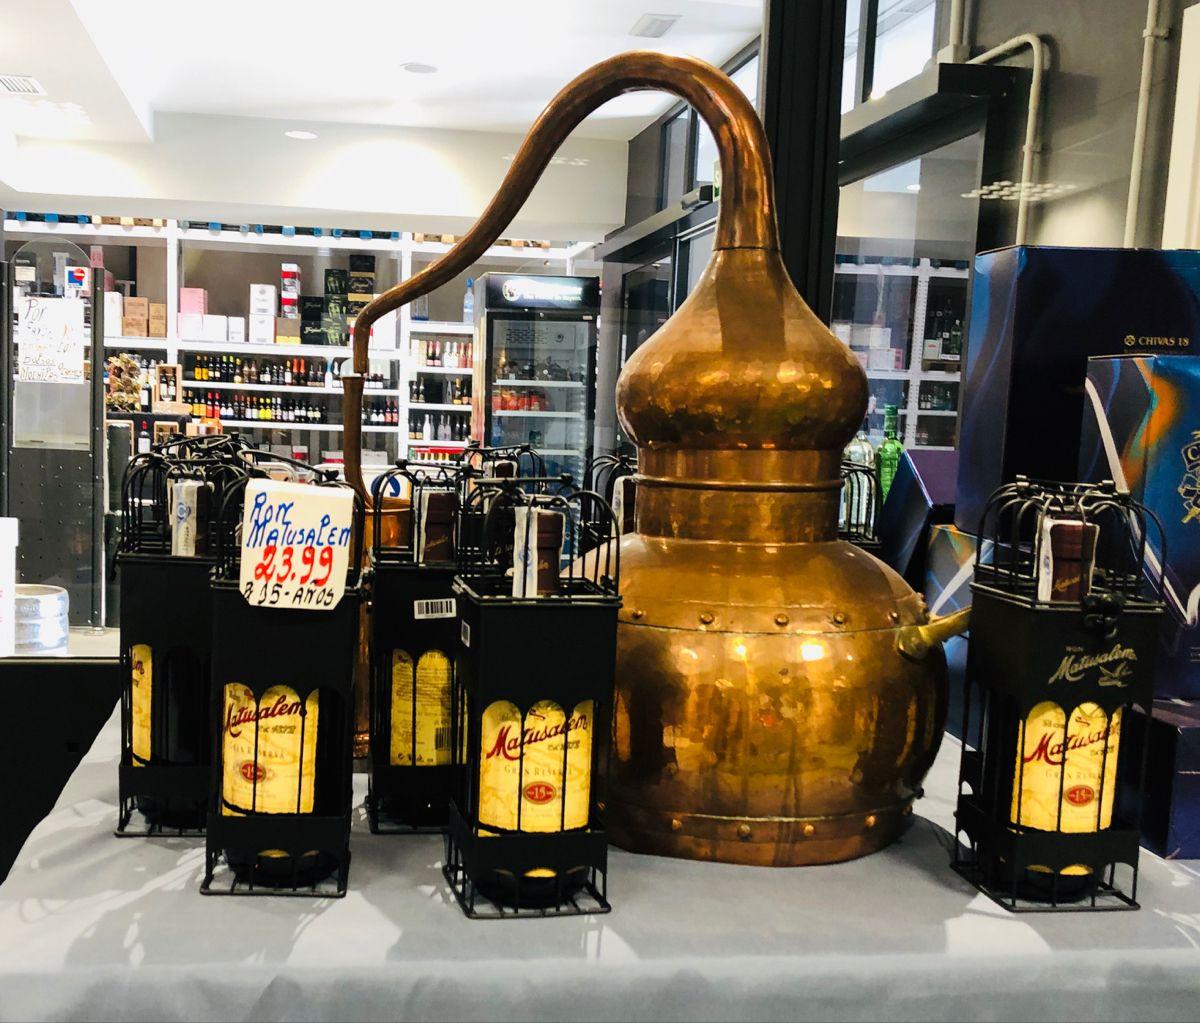 Venta Online De Vinos Y Licores Bodegas Reyes Magos Tienda De Licor Vinos Vino Rioja